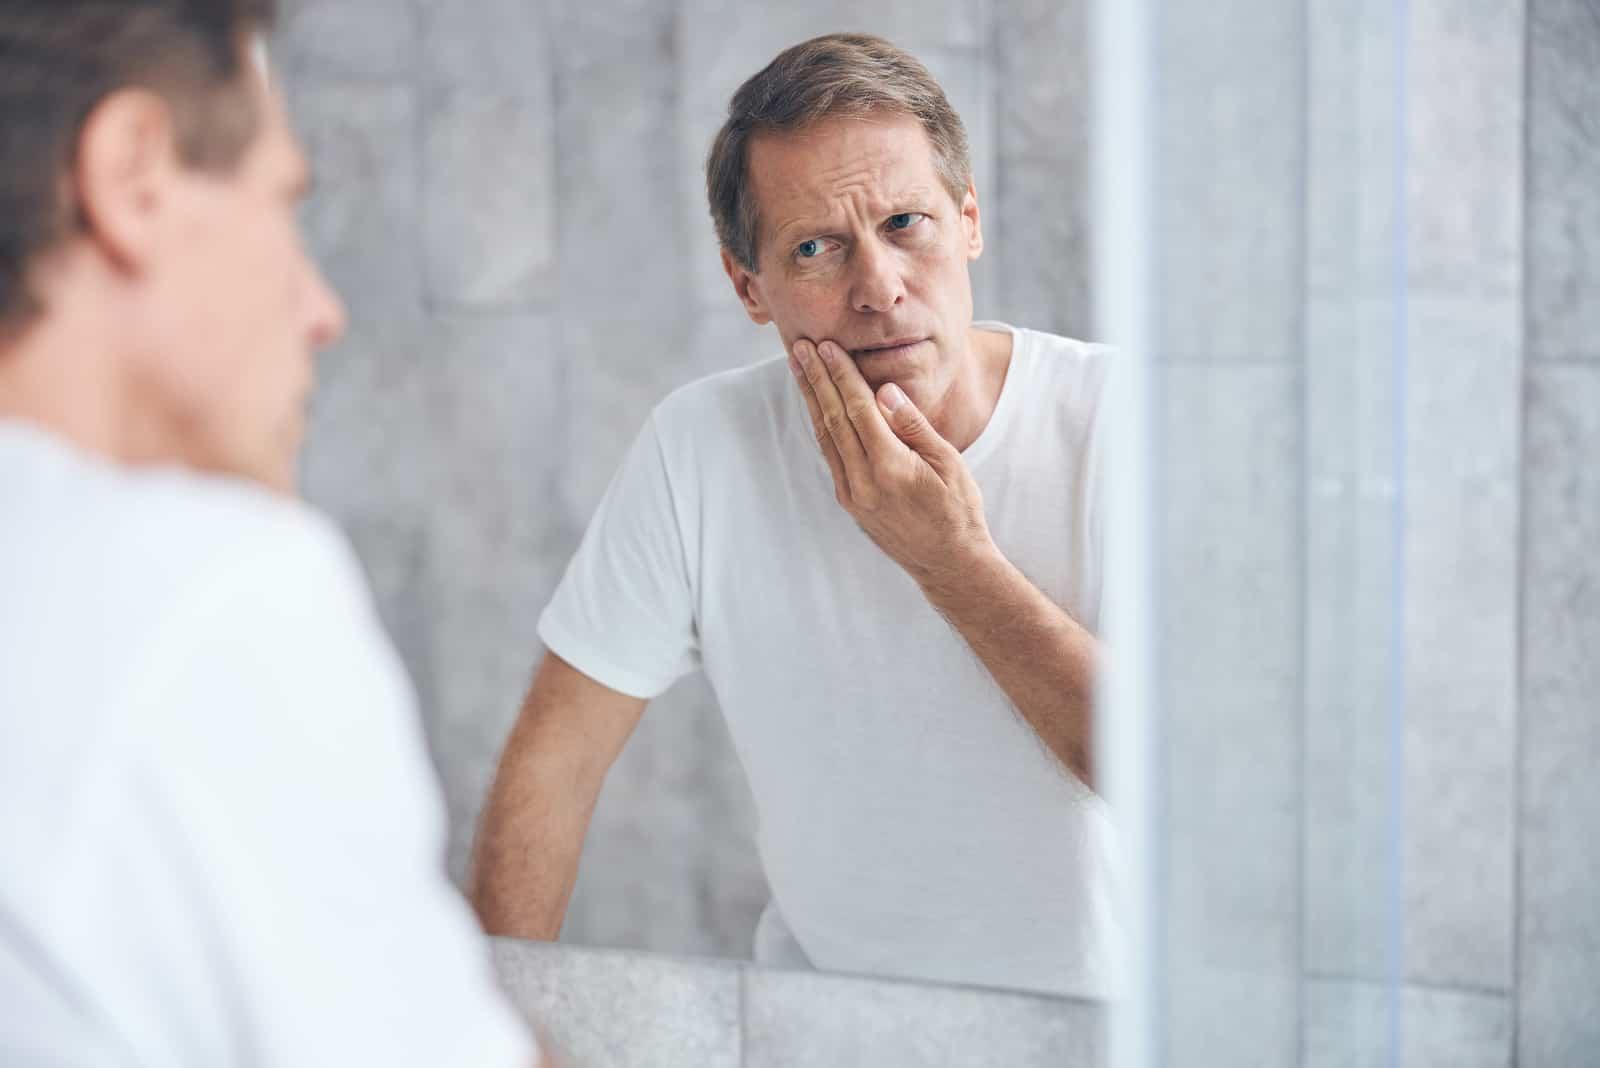 Mann mittleren Alters, der sich im Fenster ansieht